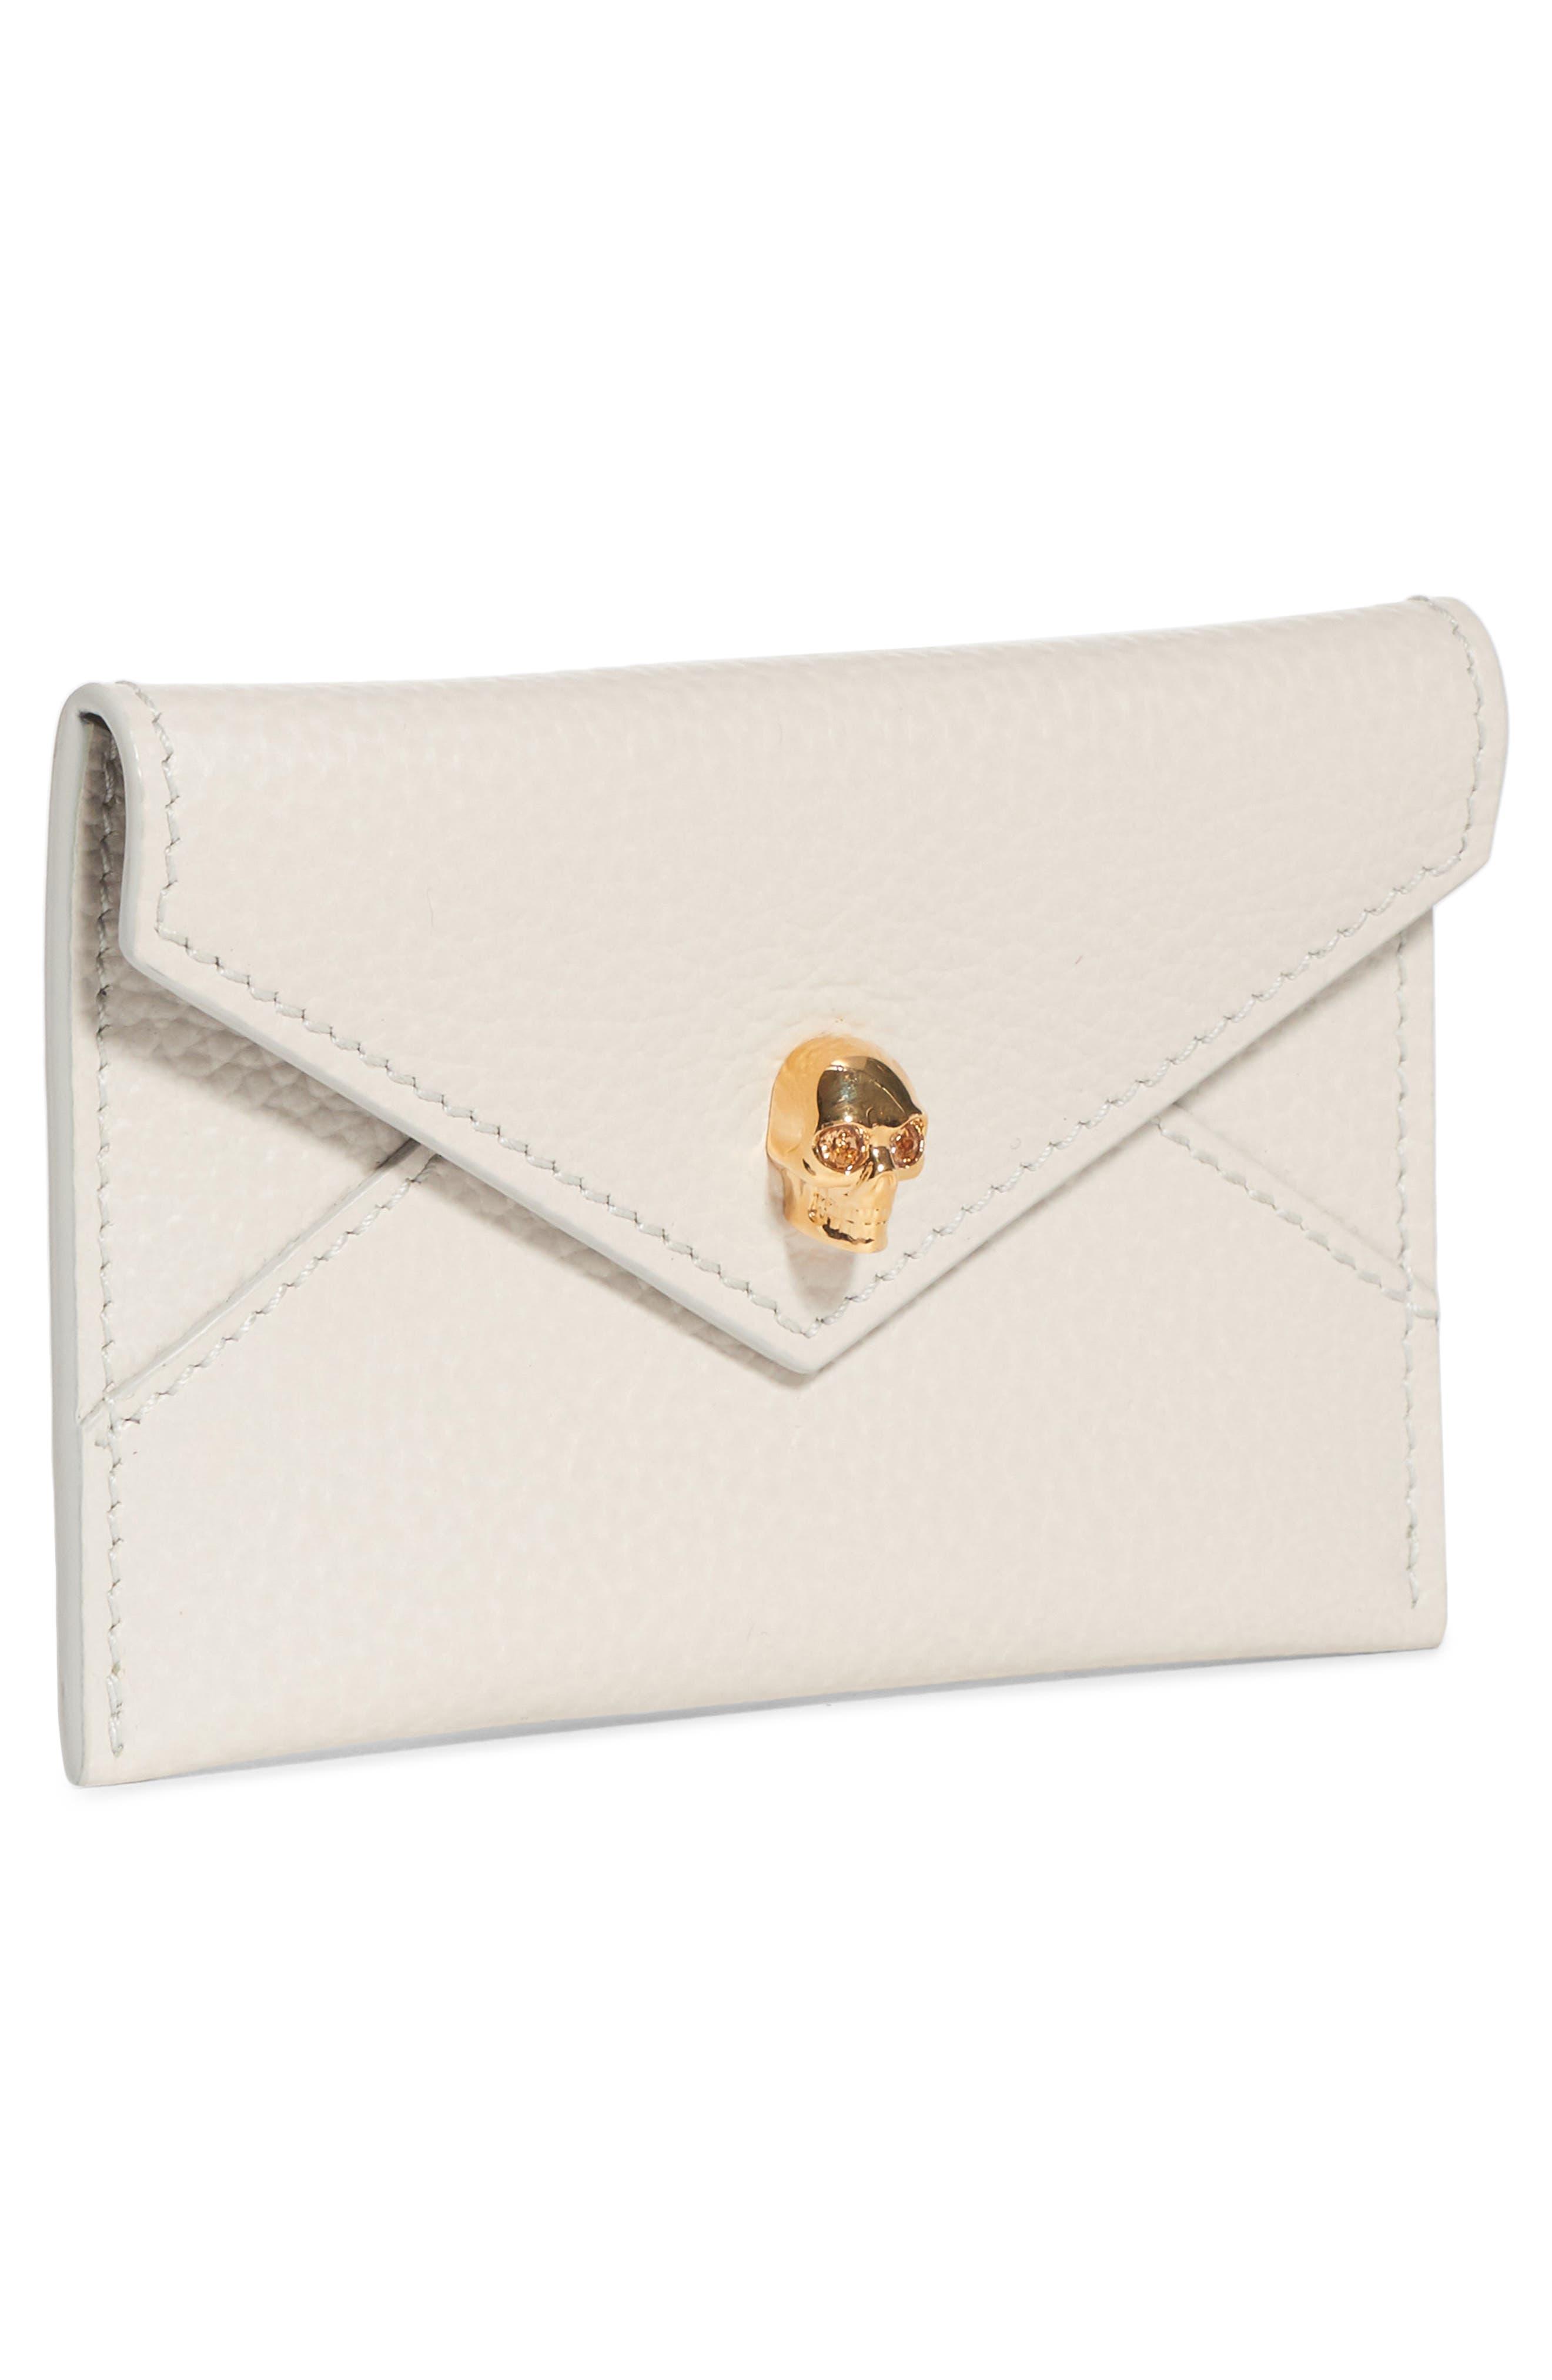 Envelope Card Holder,                             Alternate thumbnail 3, color,                             OFF WHITE